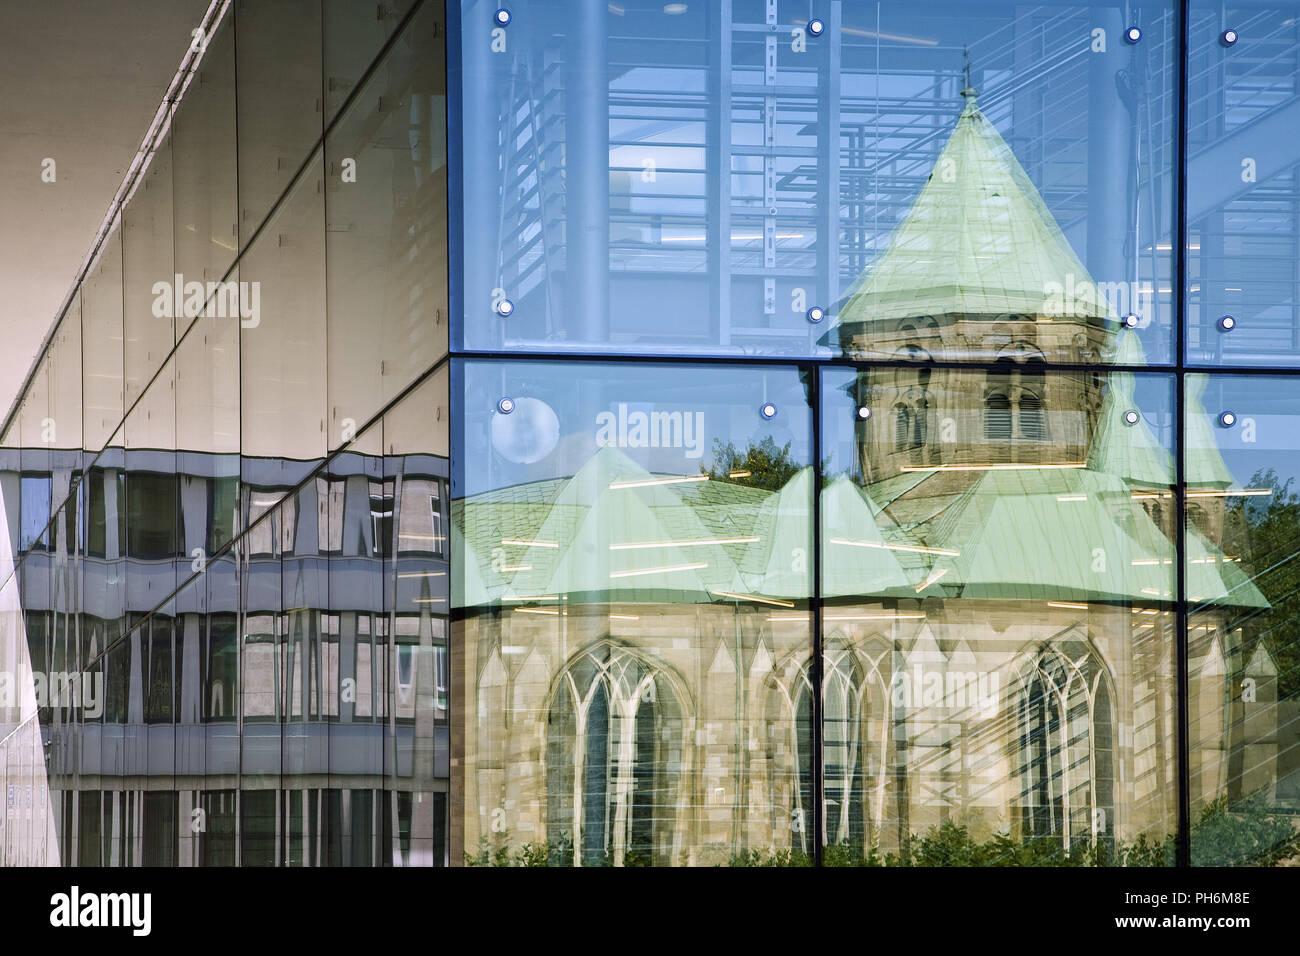 Die Kuppel ise refelcted in Glas-, Essen, Deutschland Stockbild